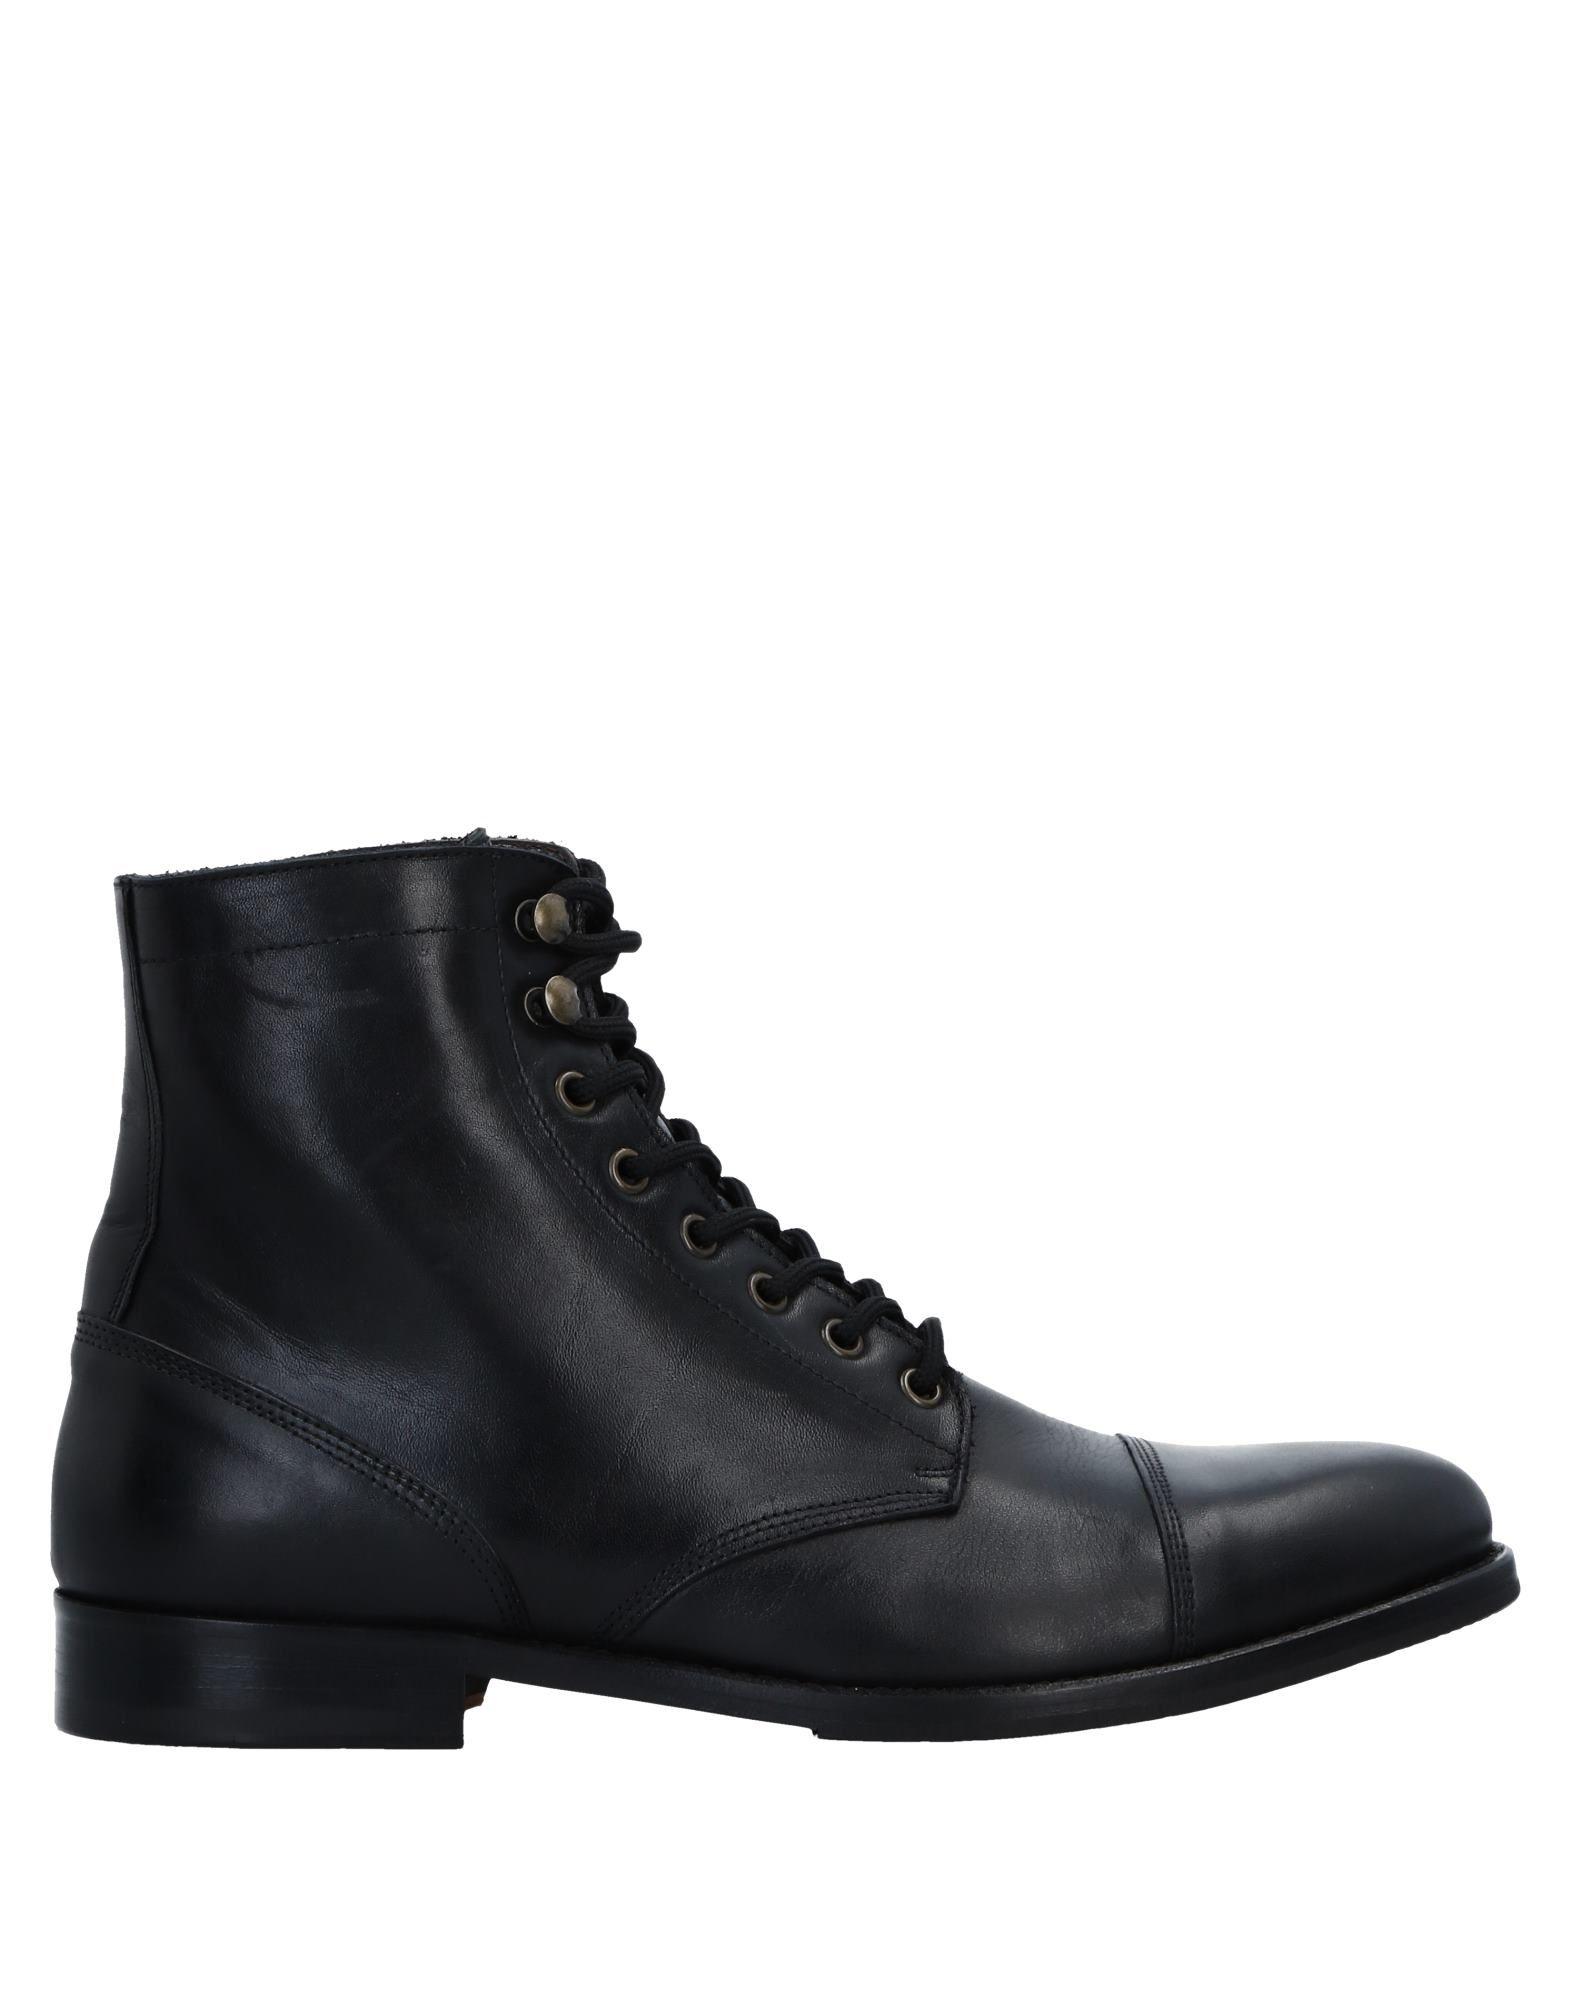 《送料無料》BRIAN DALES メンズ ショートブーツ ブラック 42 革